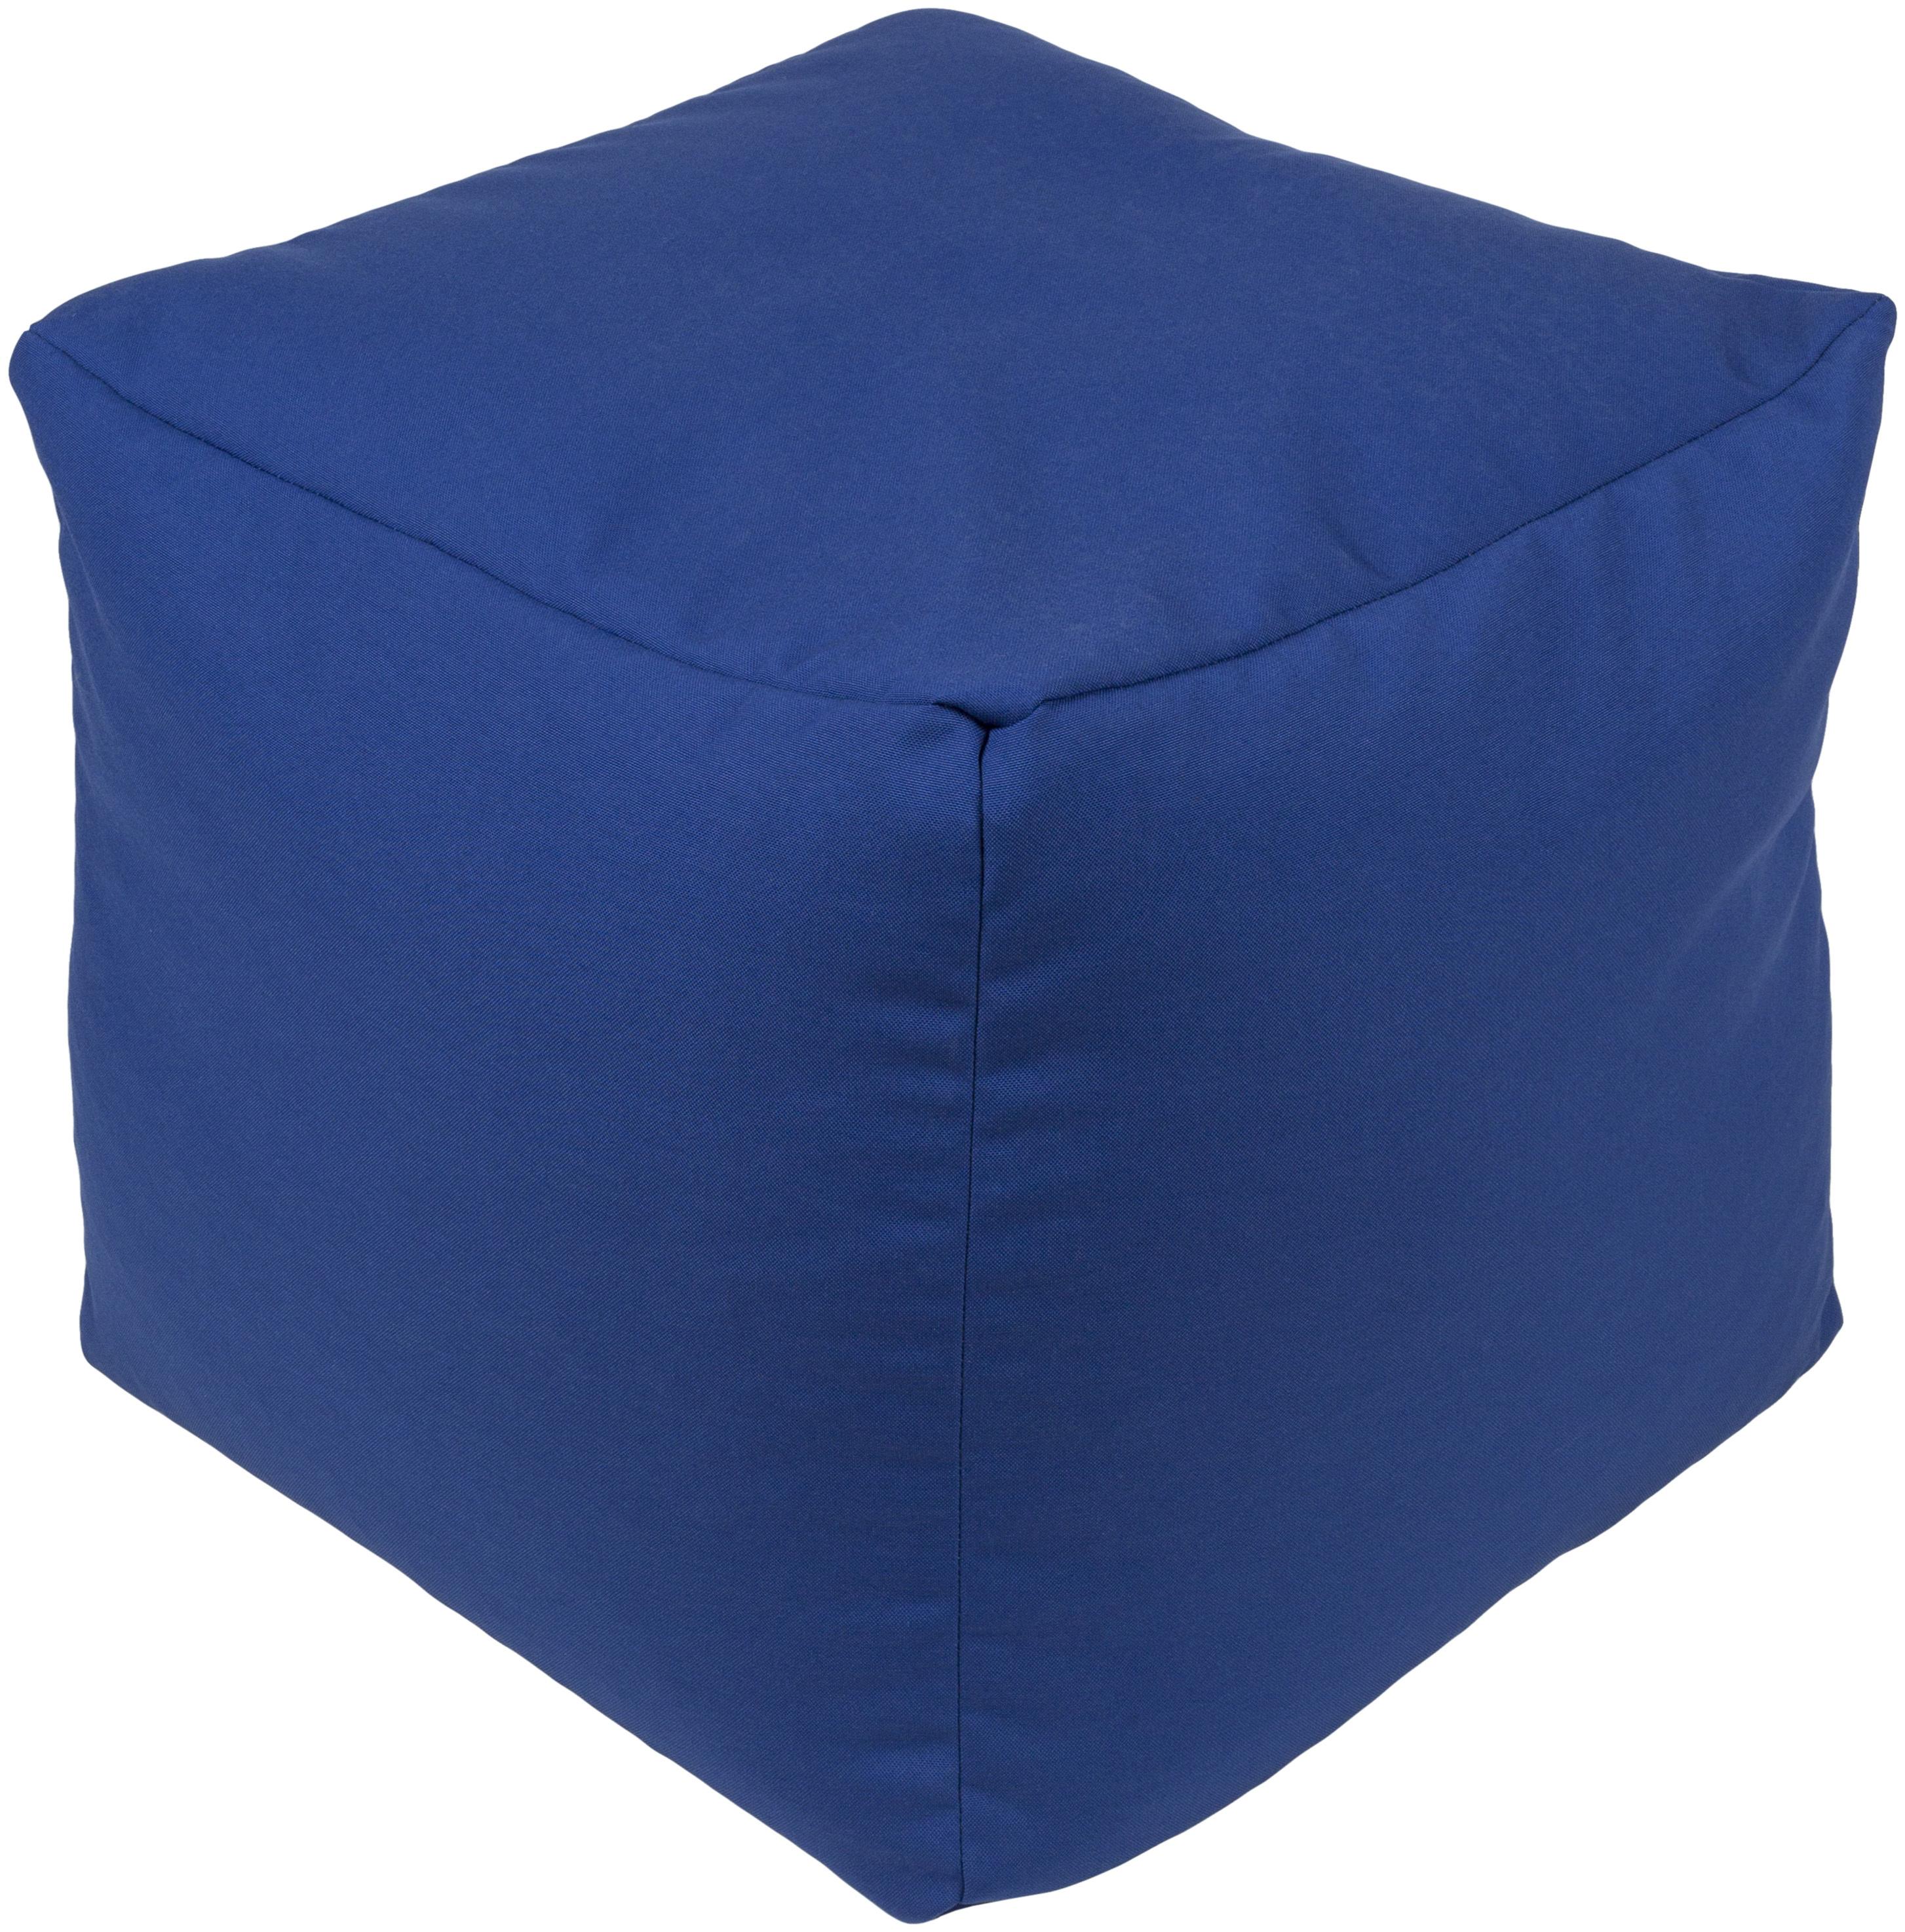 surya essien cube pouf eipf008-181818